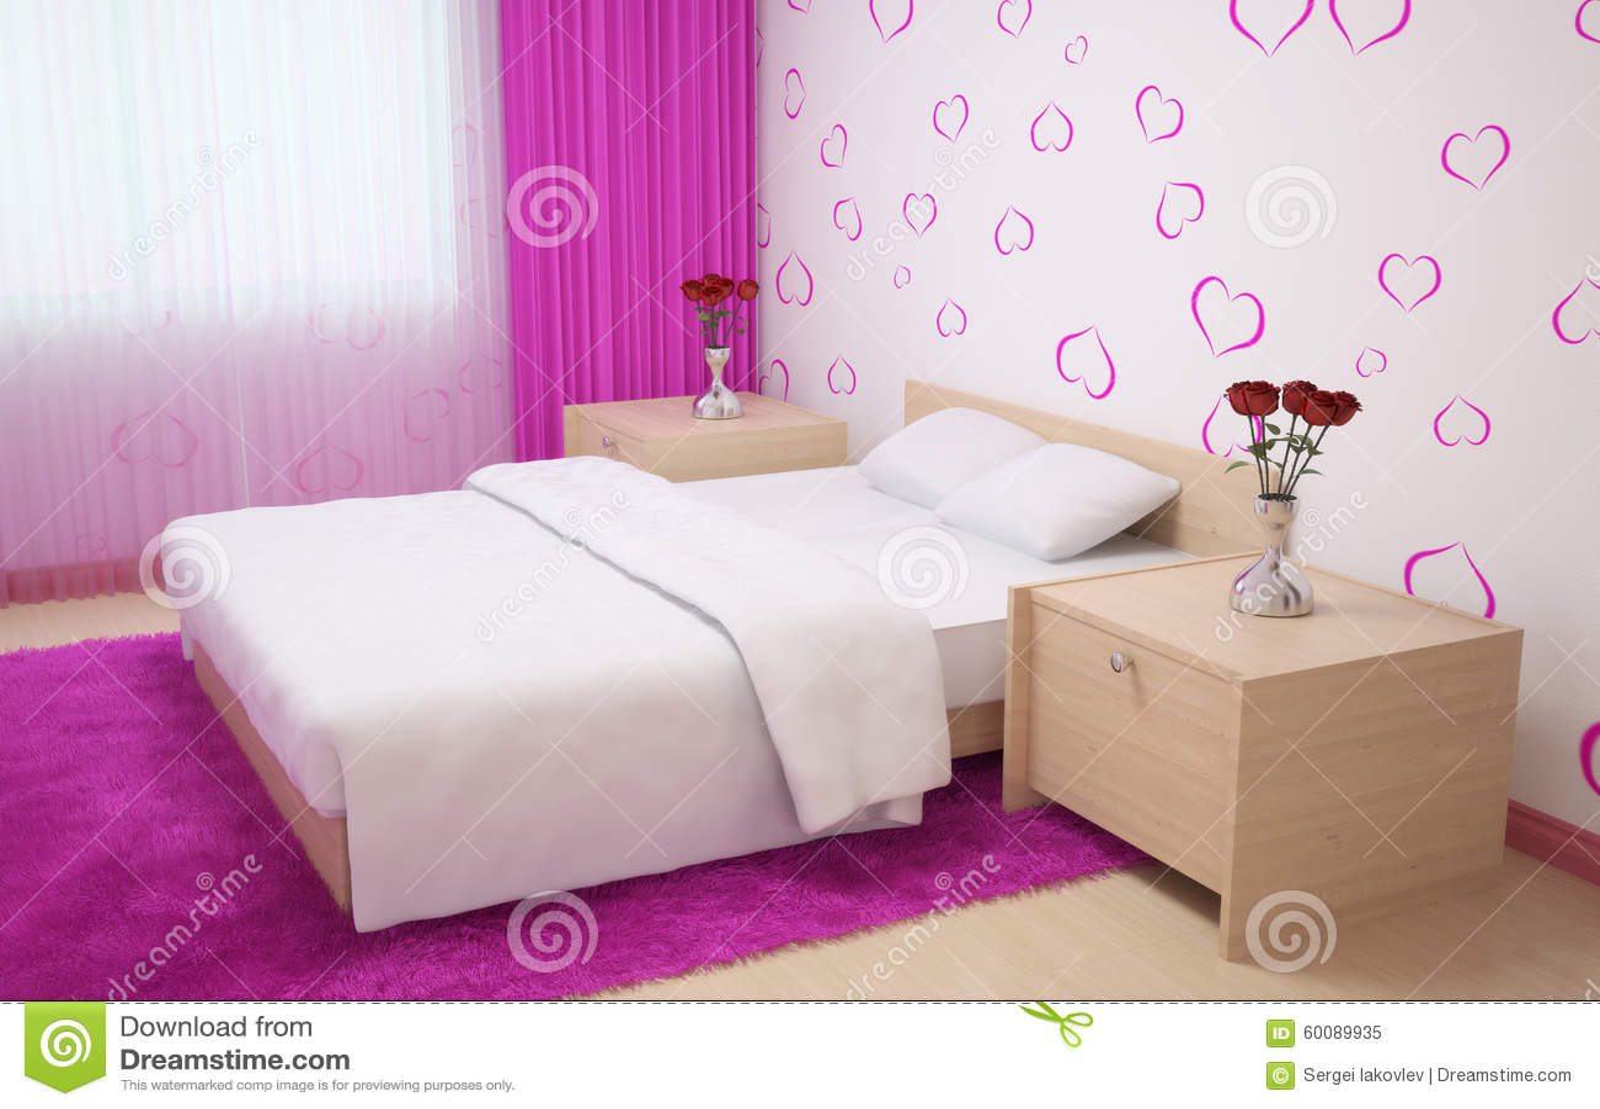 Interior Del Dormitorio Hecho En Colores Claros Con El Mobiliario De ...